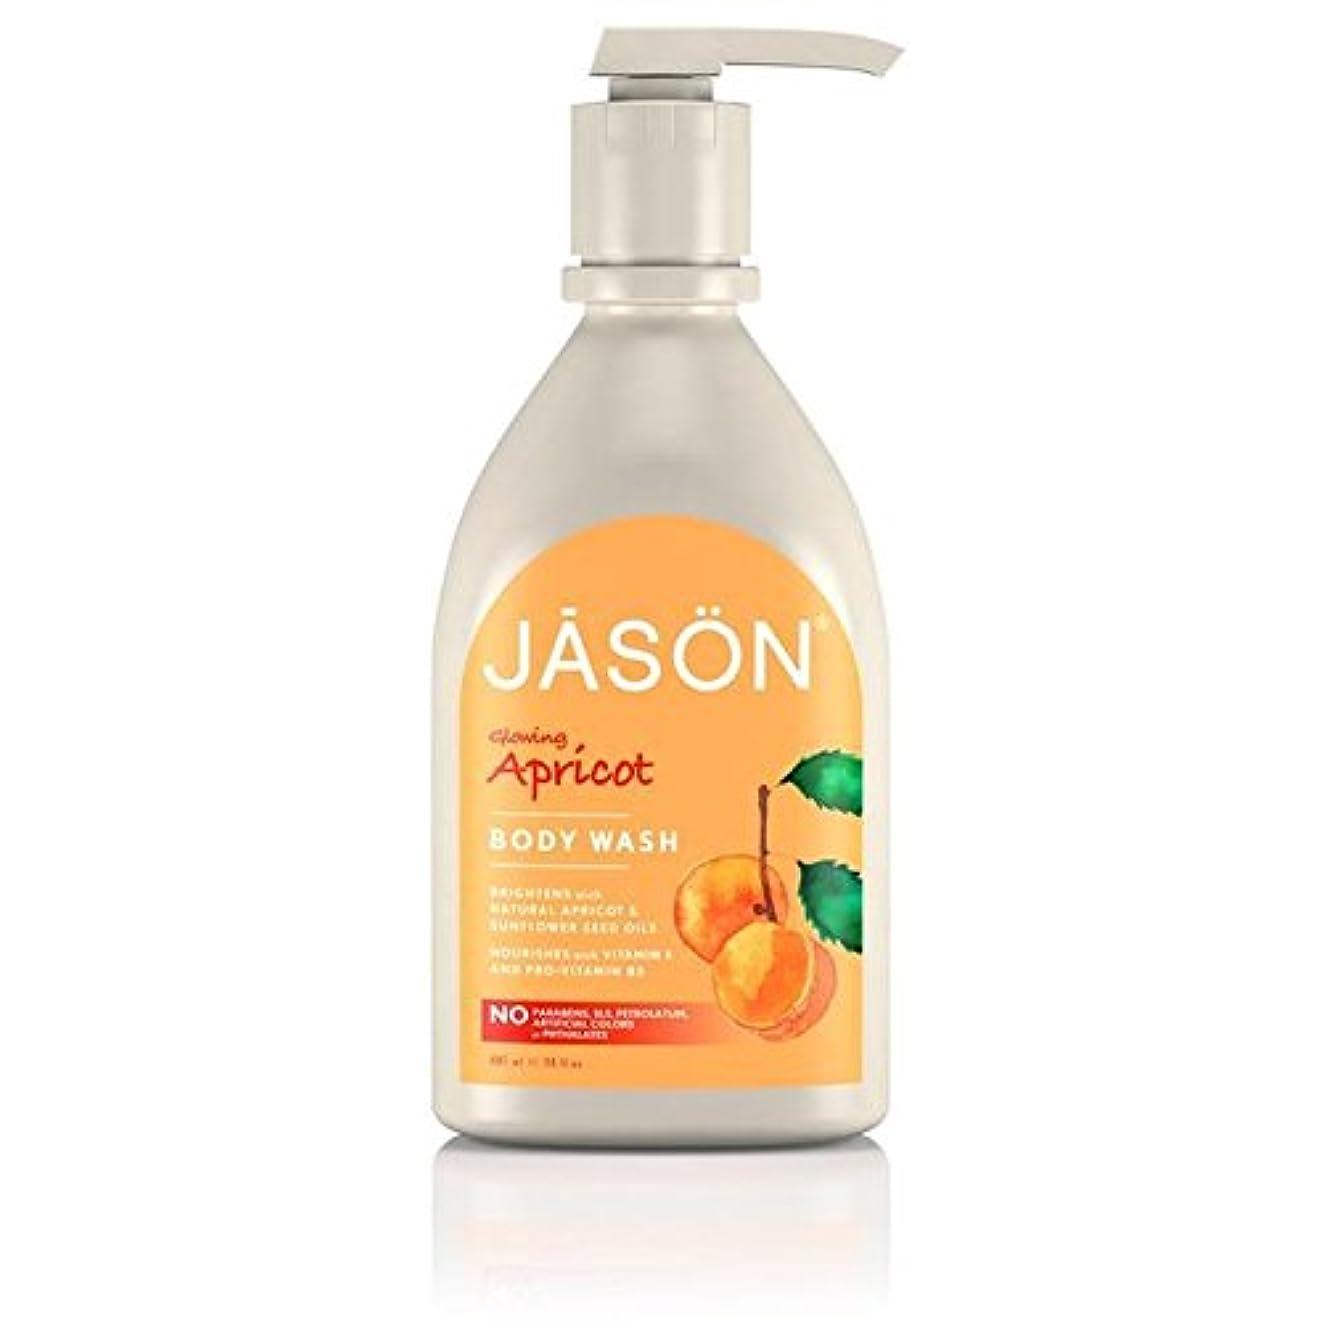 完全に乾く電話する前文ジェイソン?アプリコットサテンボディウォッシュポンプ900ミリリットル x4 - Jason Apricot Satin Body Wash Pump 900ml (Pack of 4) [並行輸入品]